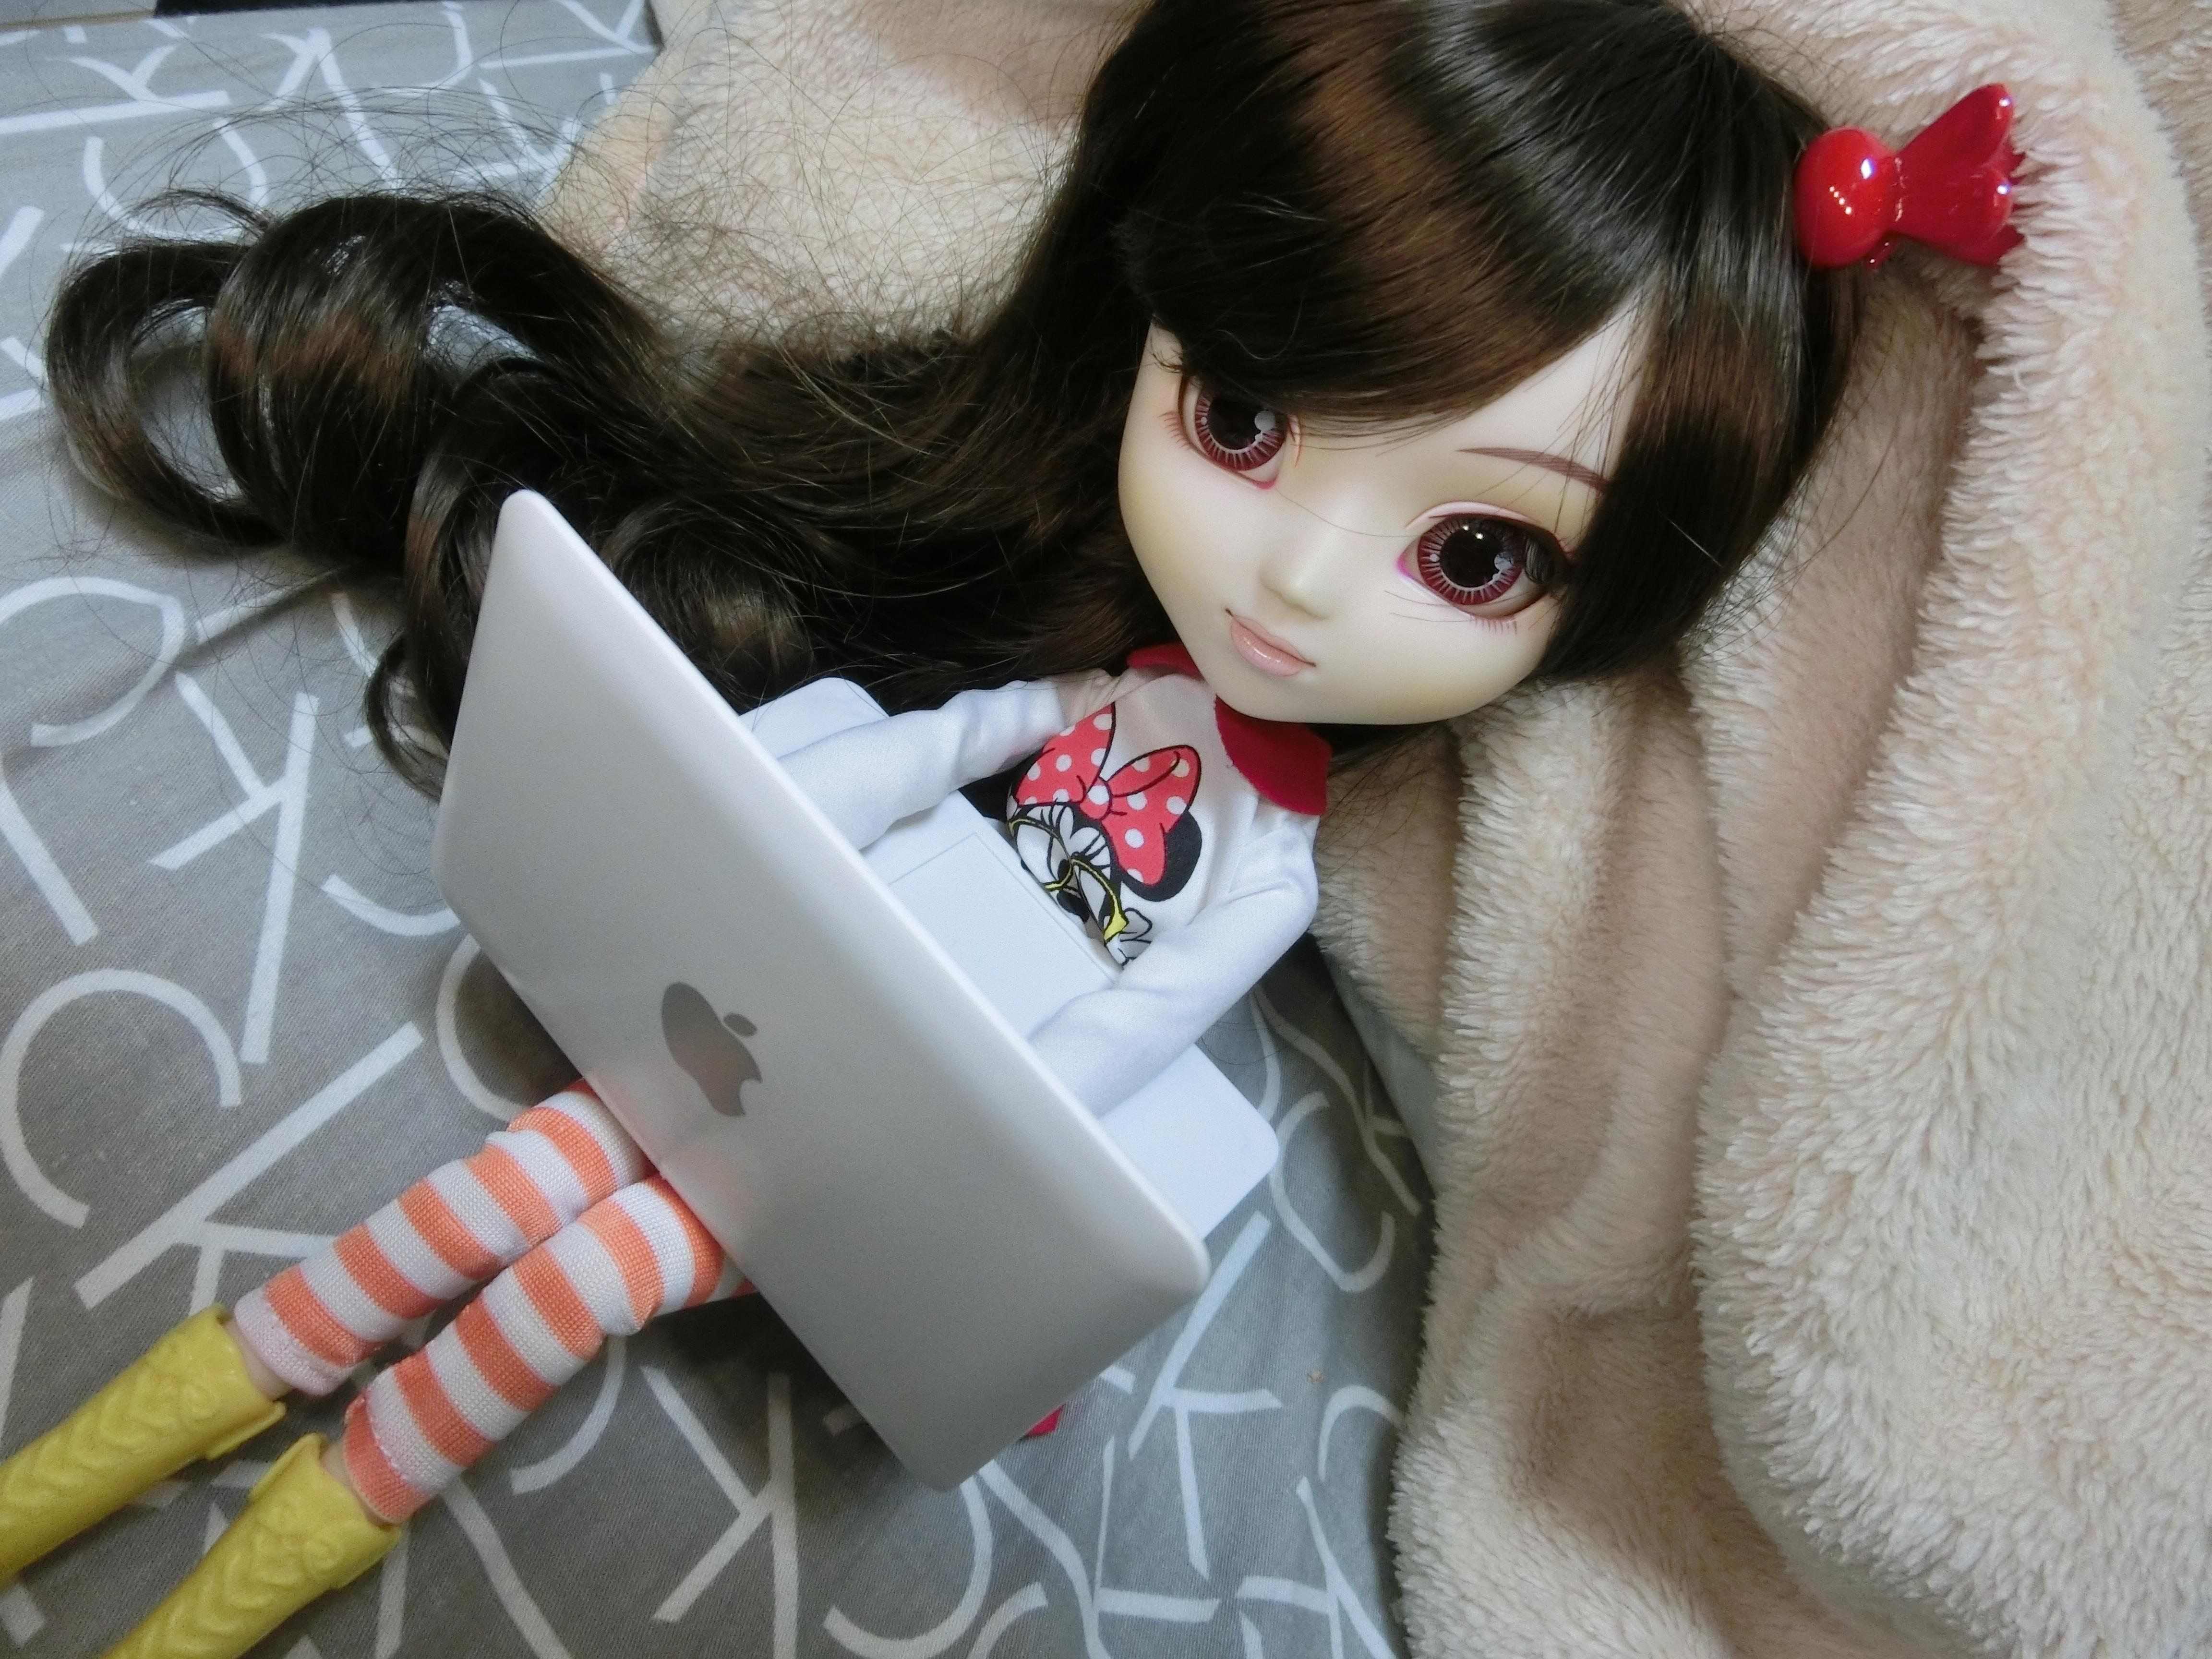 Super Images Gratuites : mignonne, Asie, jouet, poupée, filles, jouets  TQ19